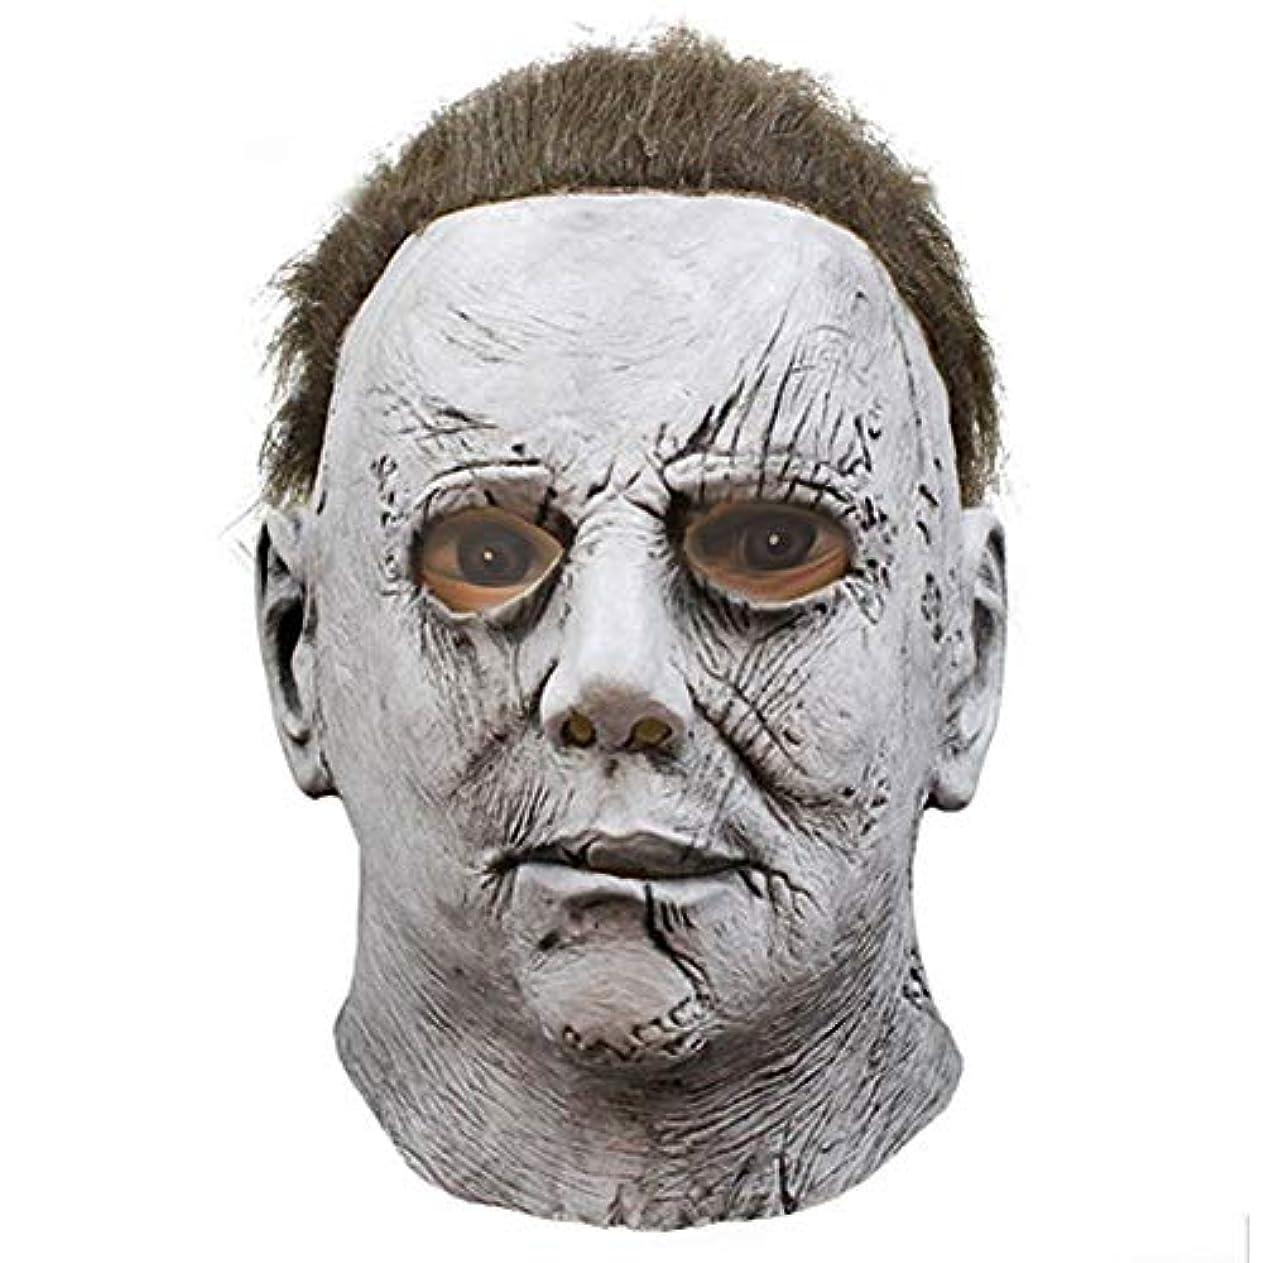 角度笑必要としているハロウィーンマスク、顔をしかめるラテックスマスク、ハロウィーン、テーマパーティー、カーニバル、レイブパーティー、バー、小道具、映画。